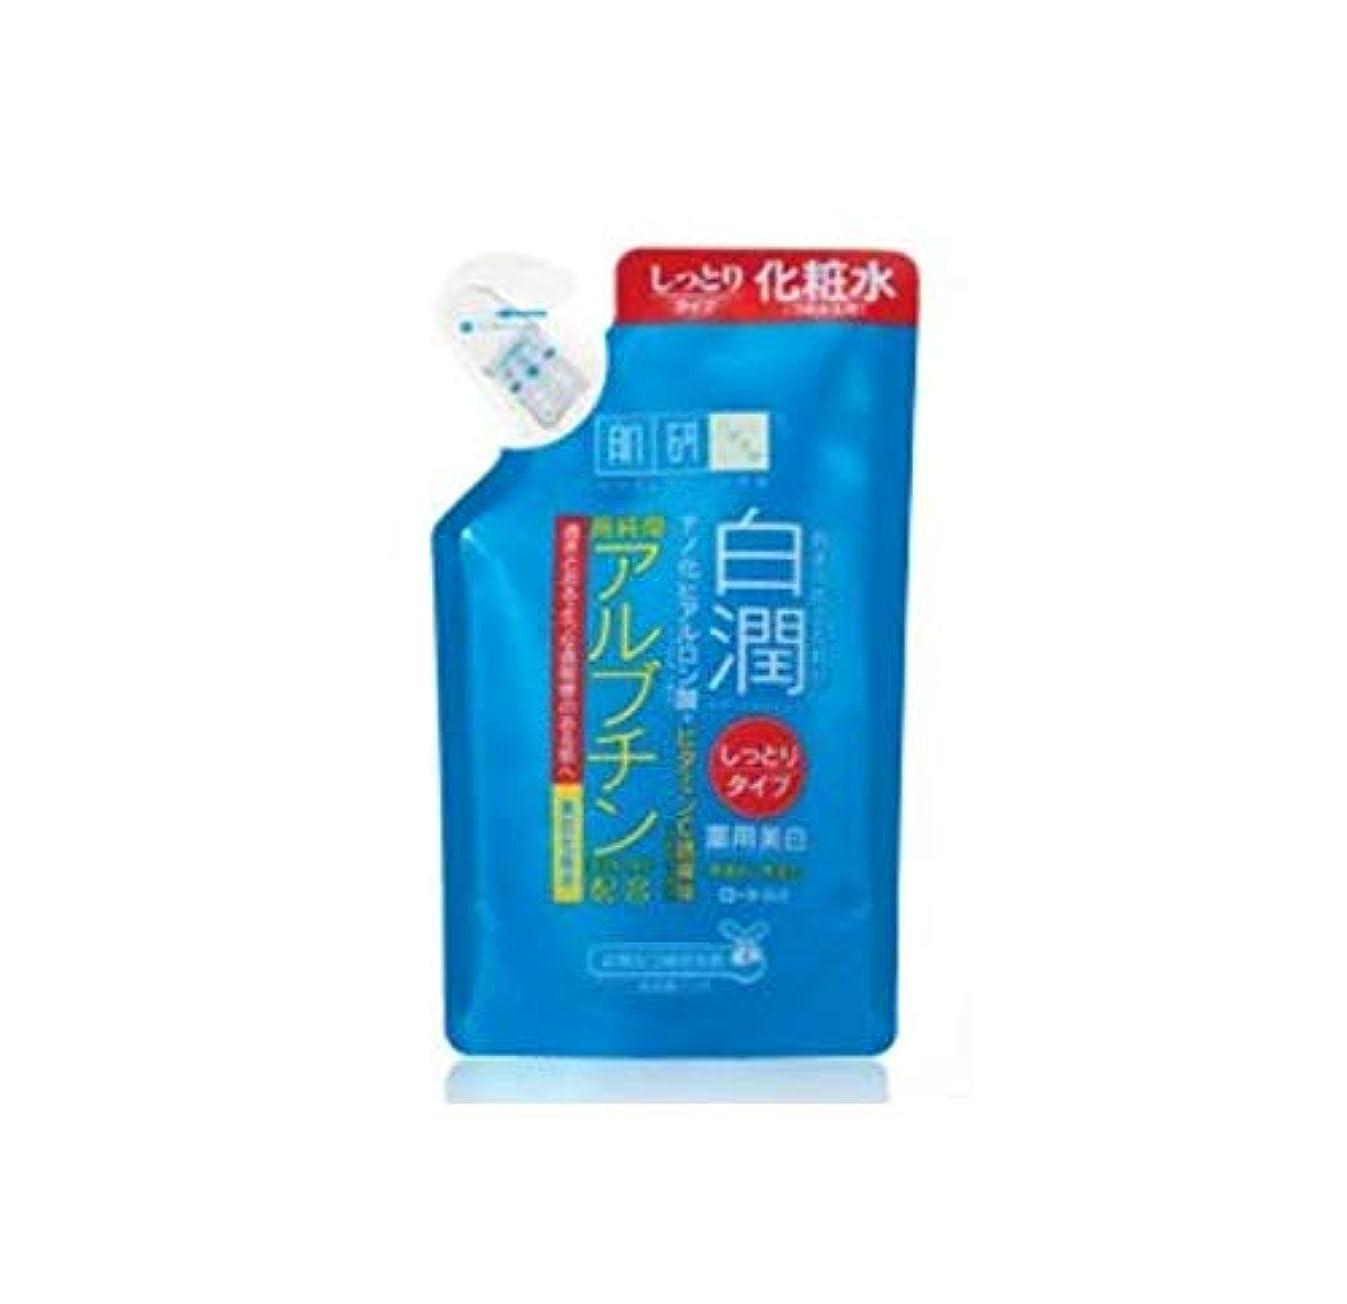 フレッシュ地元ご飯肌ラボ 白潤 薬用美白化粧水 しっとりタイプ つめかえ用 170mL